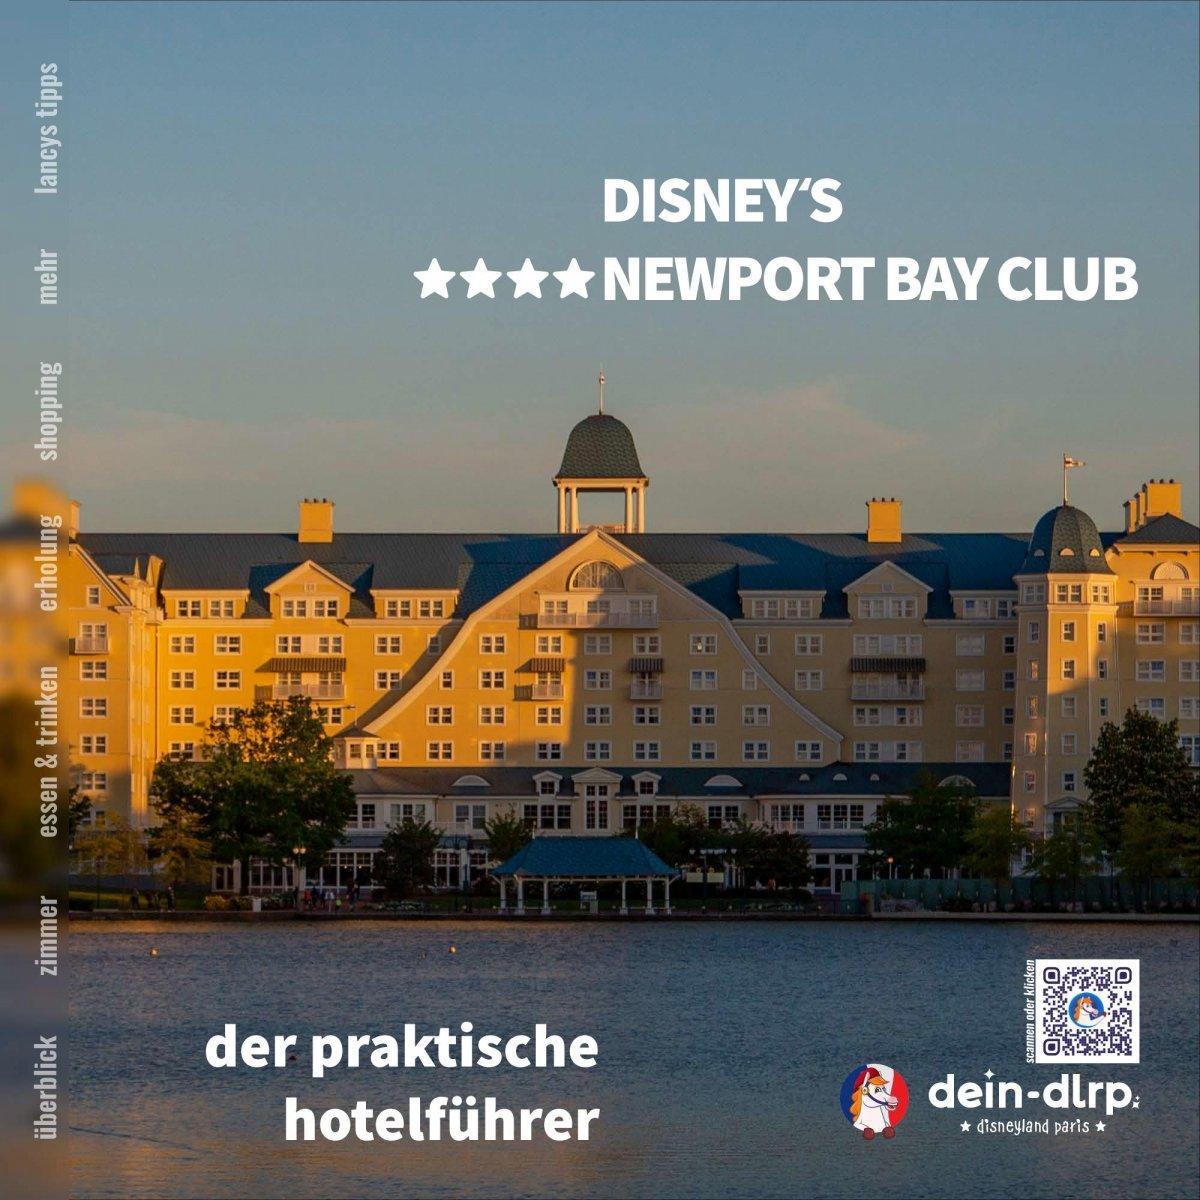 disneys-newport-bay-club-hotel-fuehrer_01.jpg